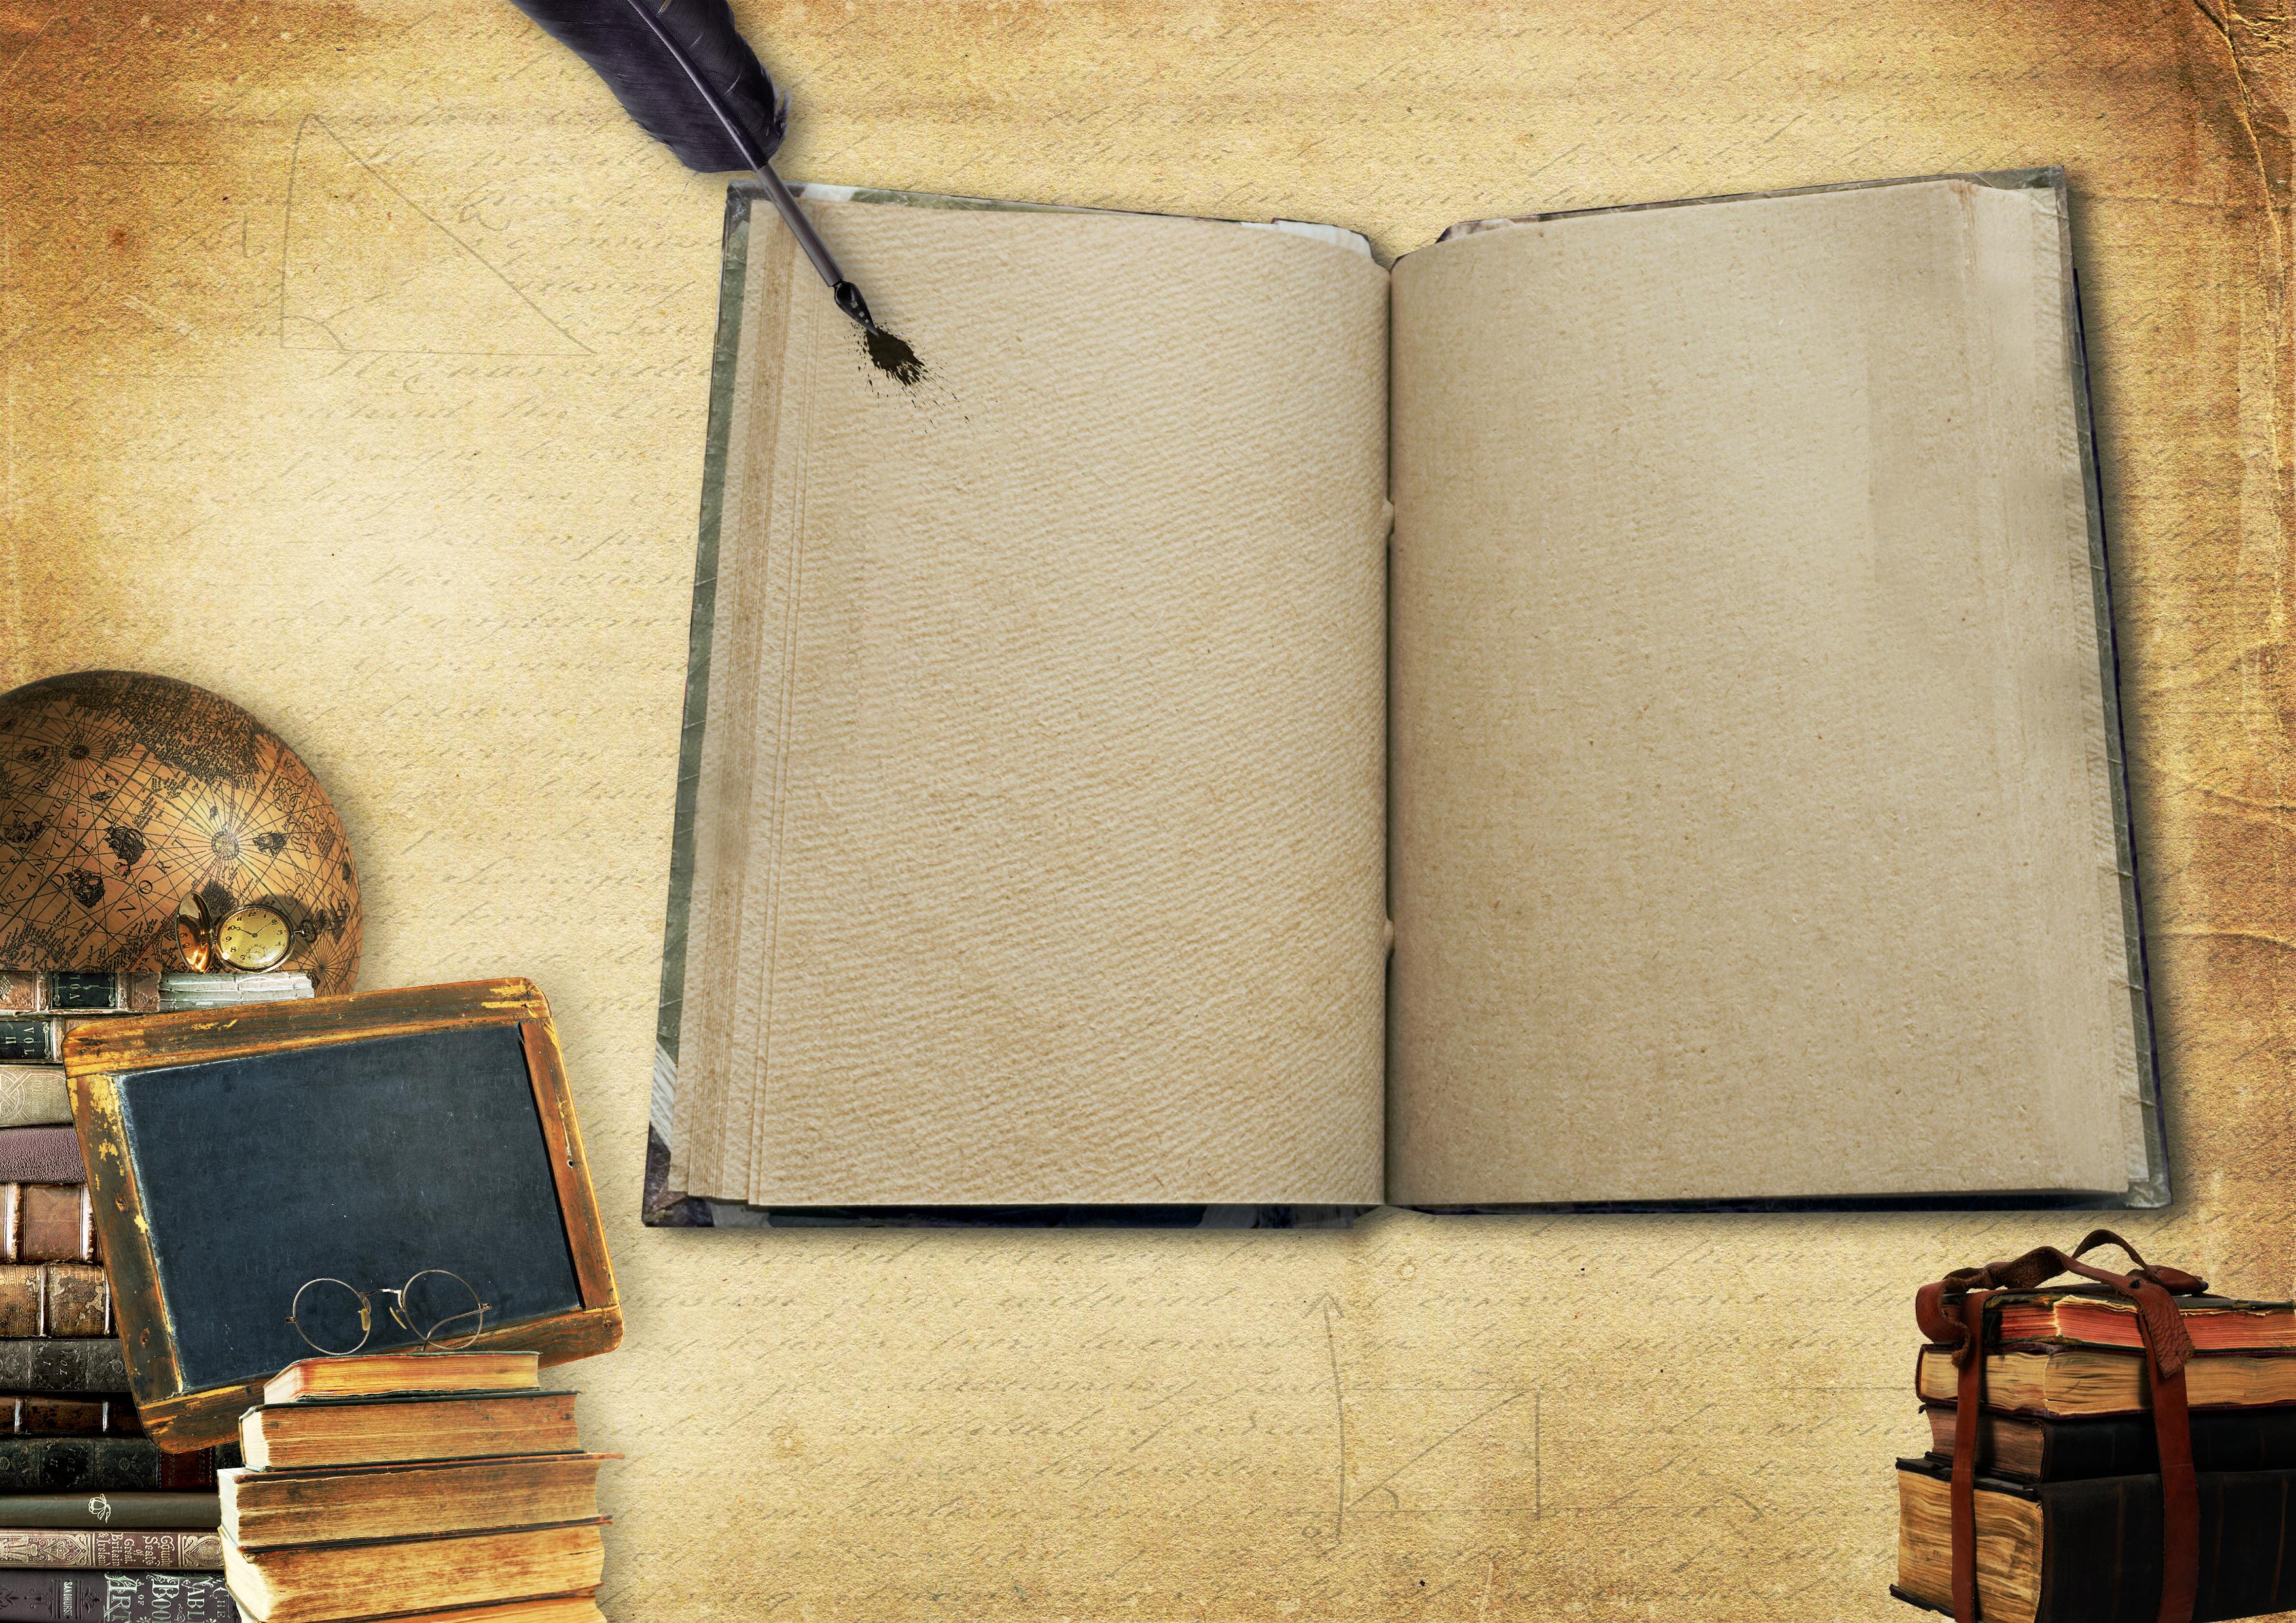 Pareti In Legno Shabby : Immagini belle : libri globo lavagna penna libro aperto